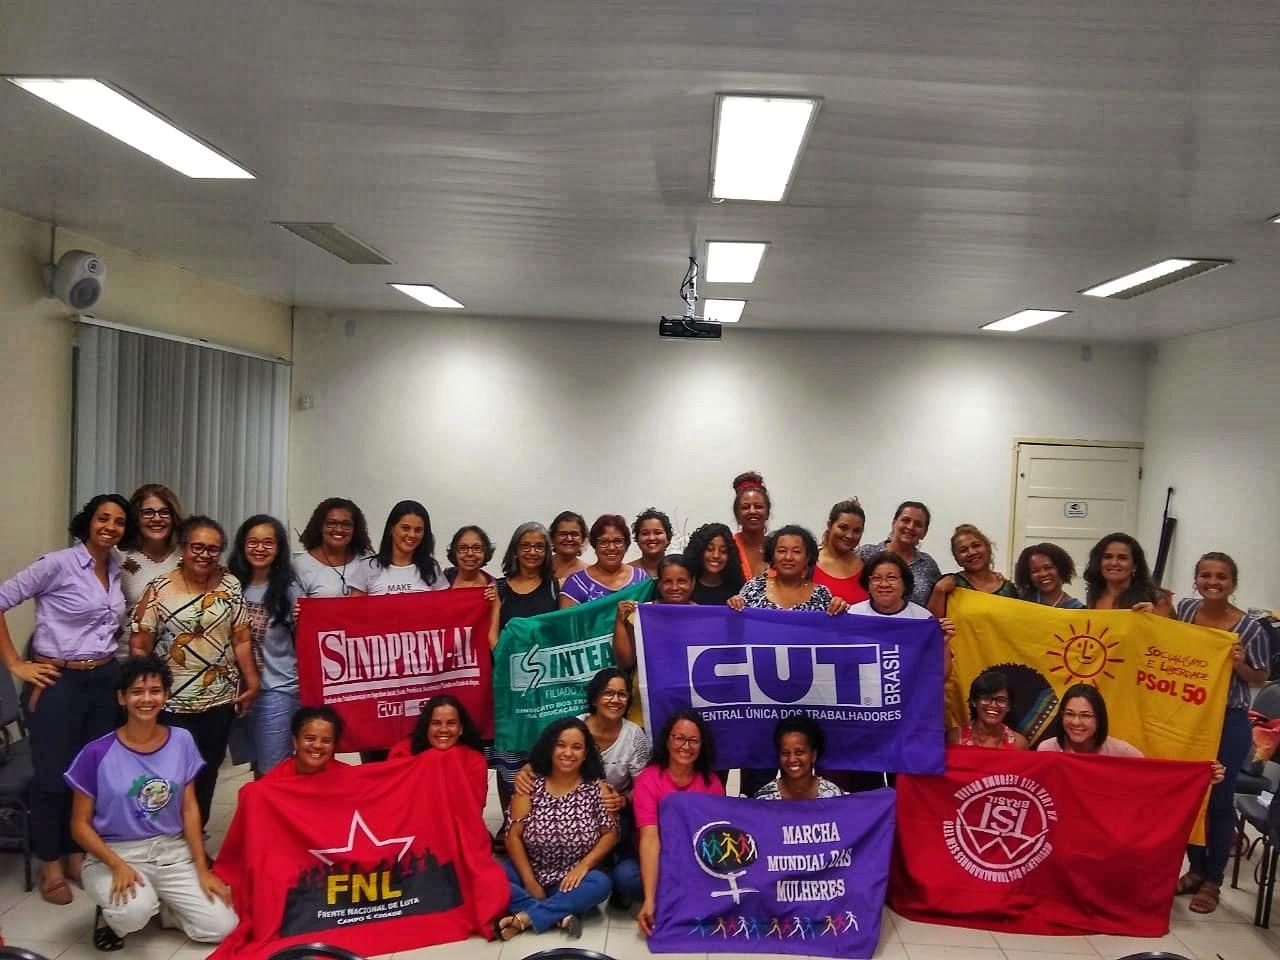 Movimentos de mulheres e sindicatos criam a Frente Feminista de Alagoas